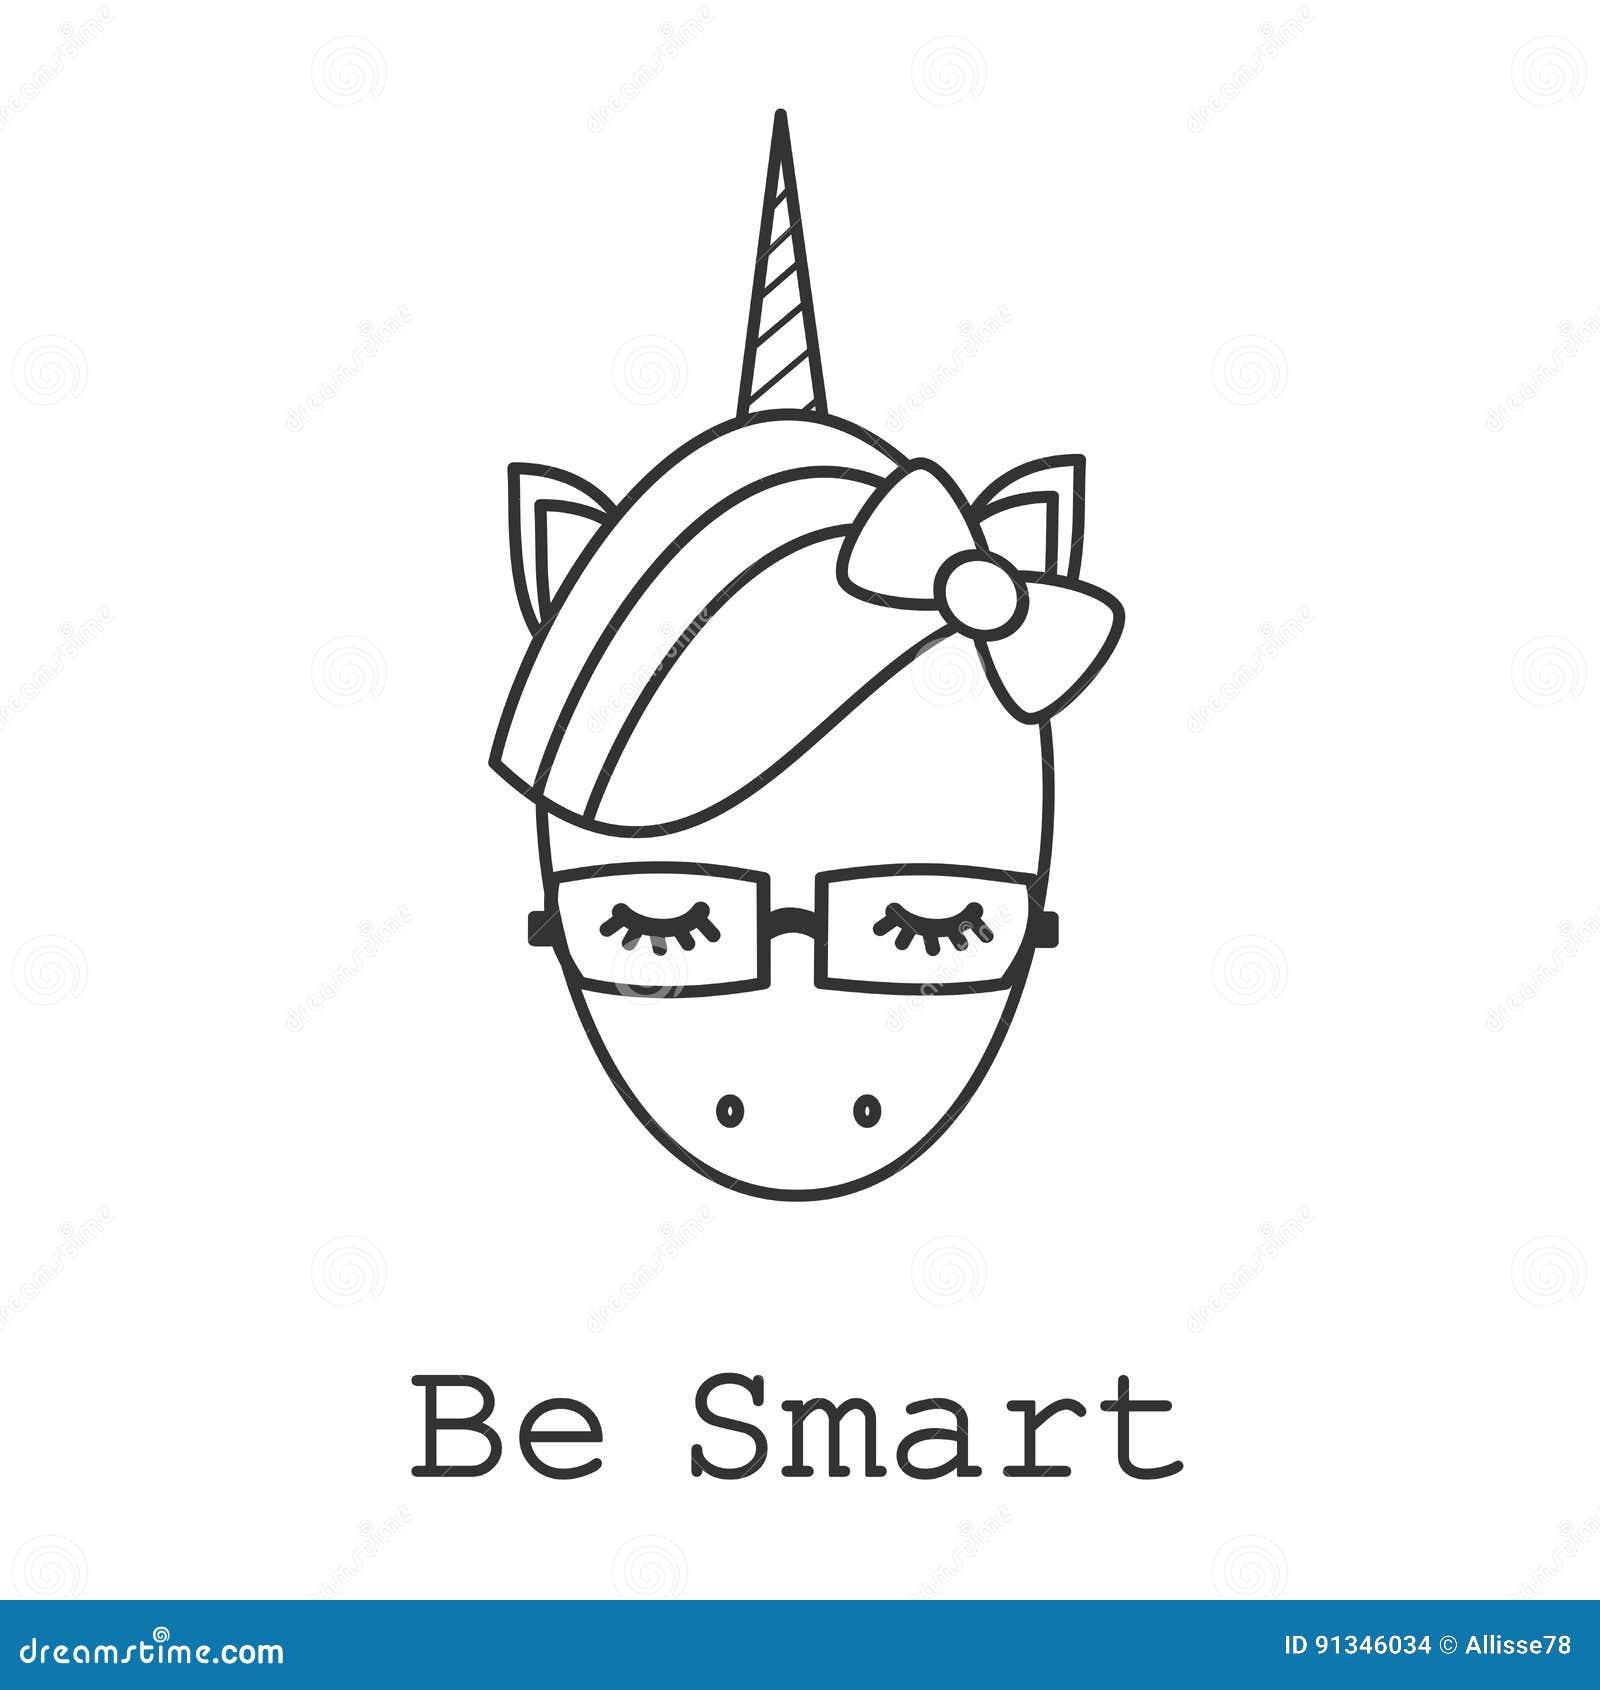 unicornio blanco y negro ilustraciones stock  vectores  y clipart  u2013  1 832 ilustraciones stock